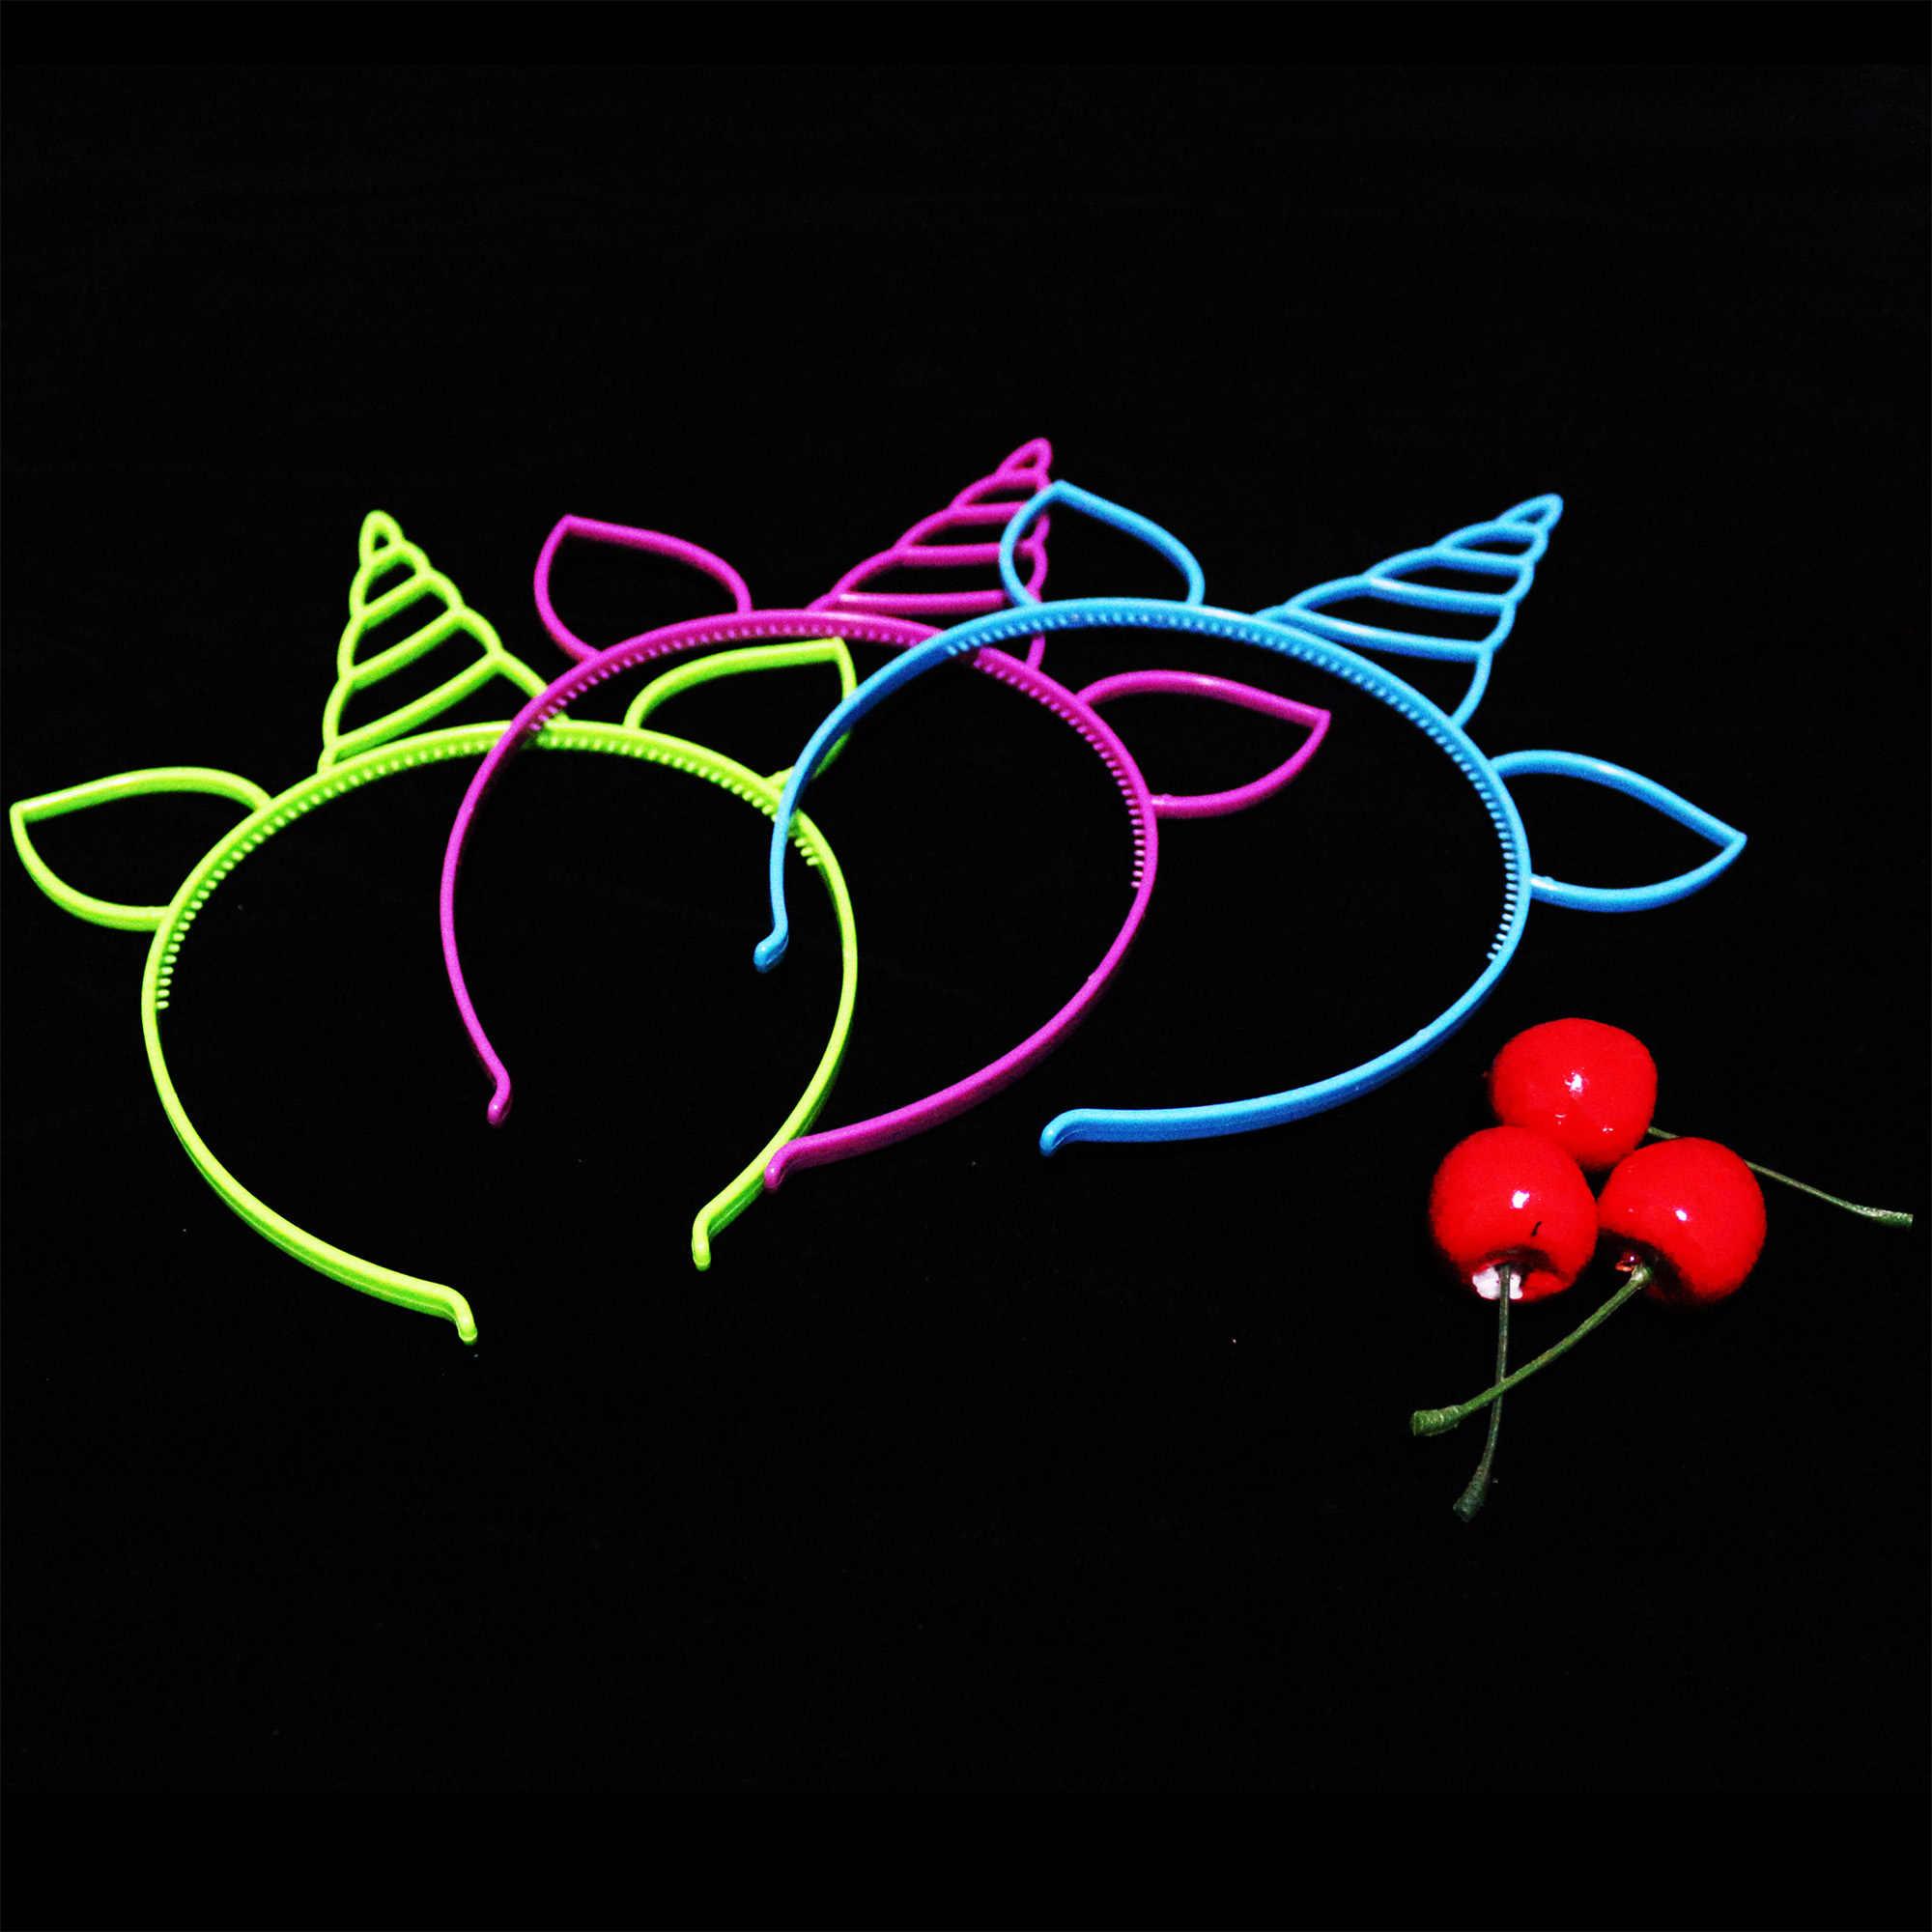 Unicórnio Cabeça Decoração Do Partido Festival Hairband Da Orelha de Plástico Cor de Doces Favorece Fontes Do Partido Do Chuveiro Do Bebê Crianças